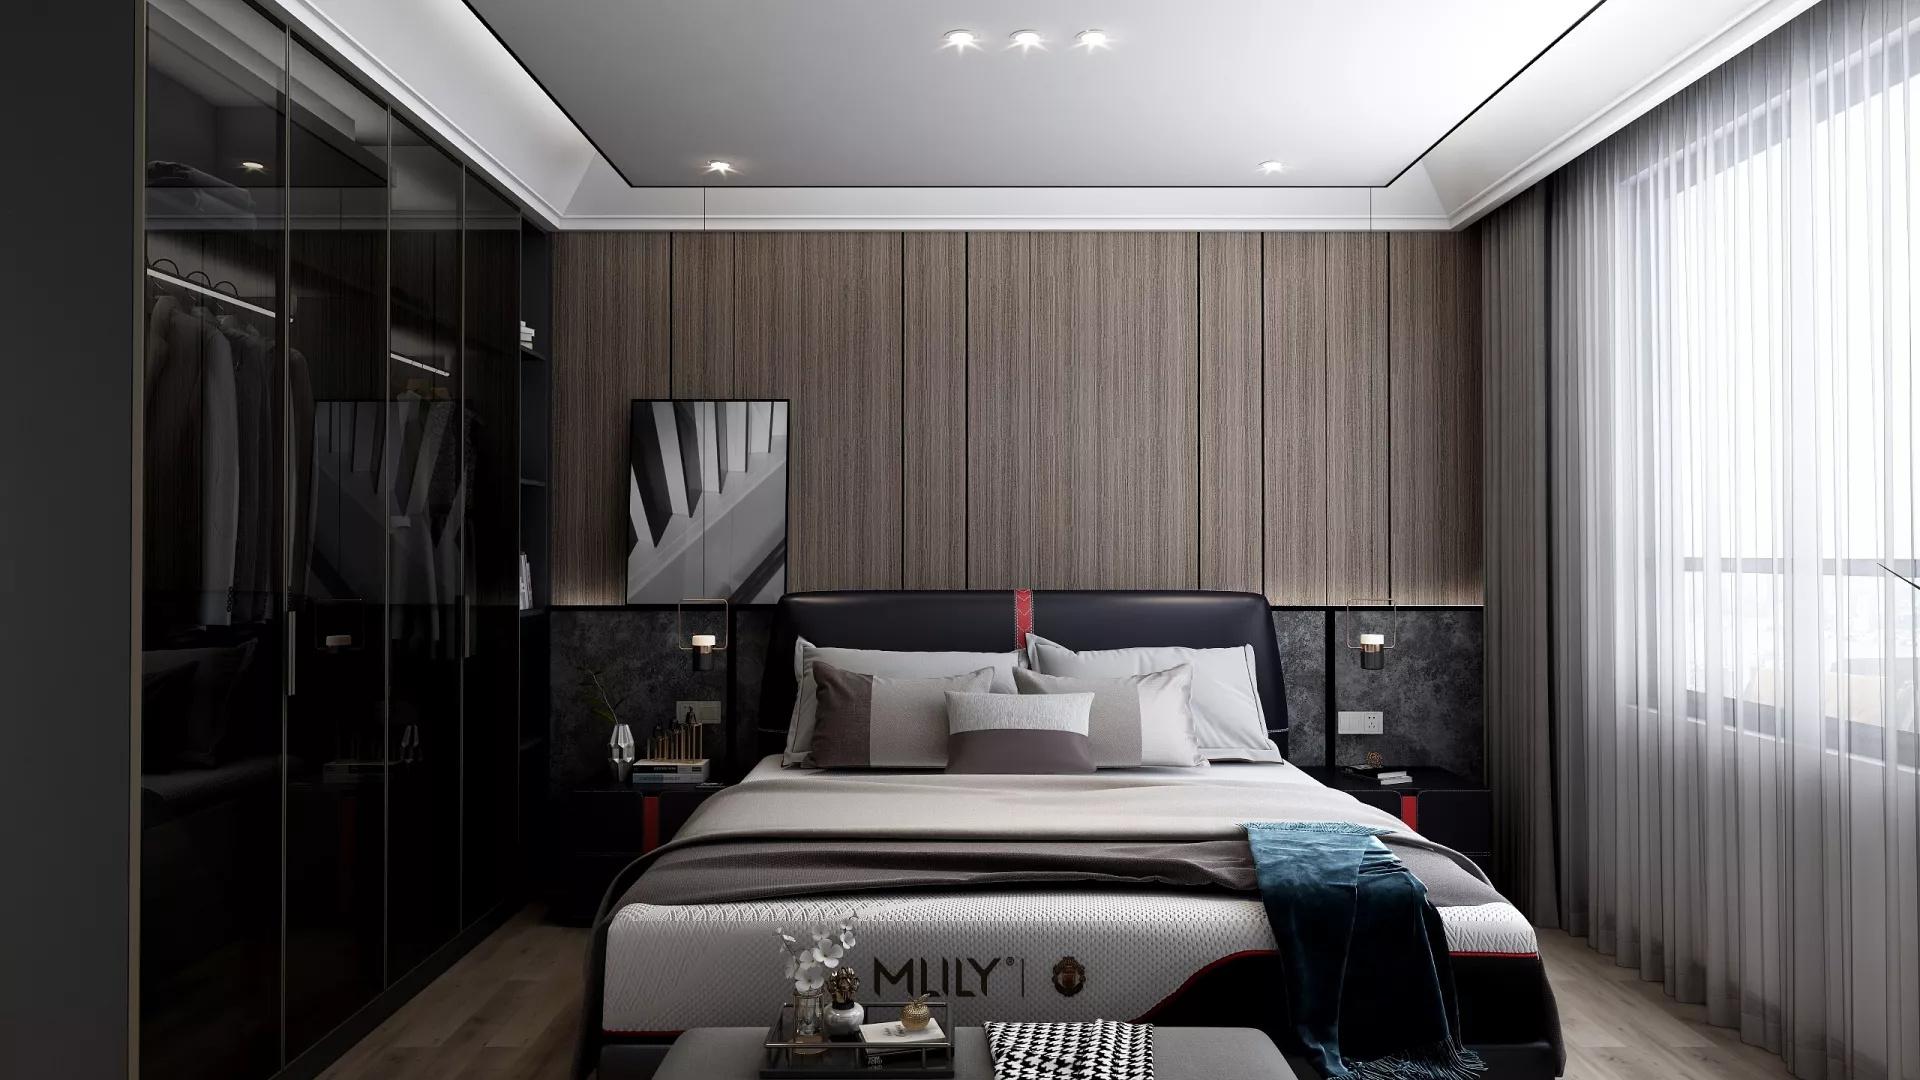 现代简洁舒适风格餐厅吧台设计效果图